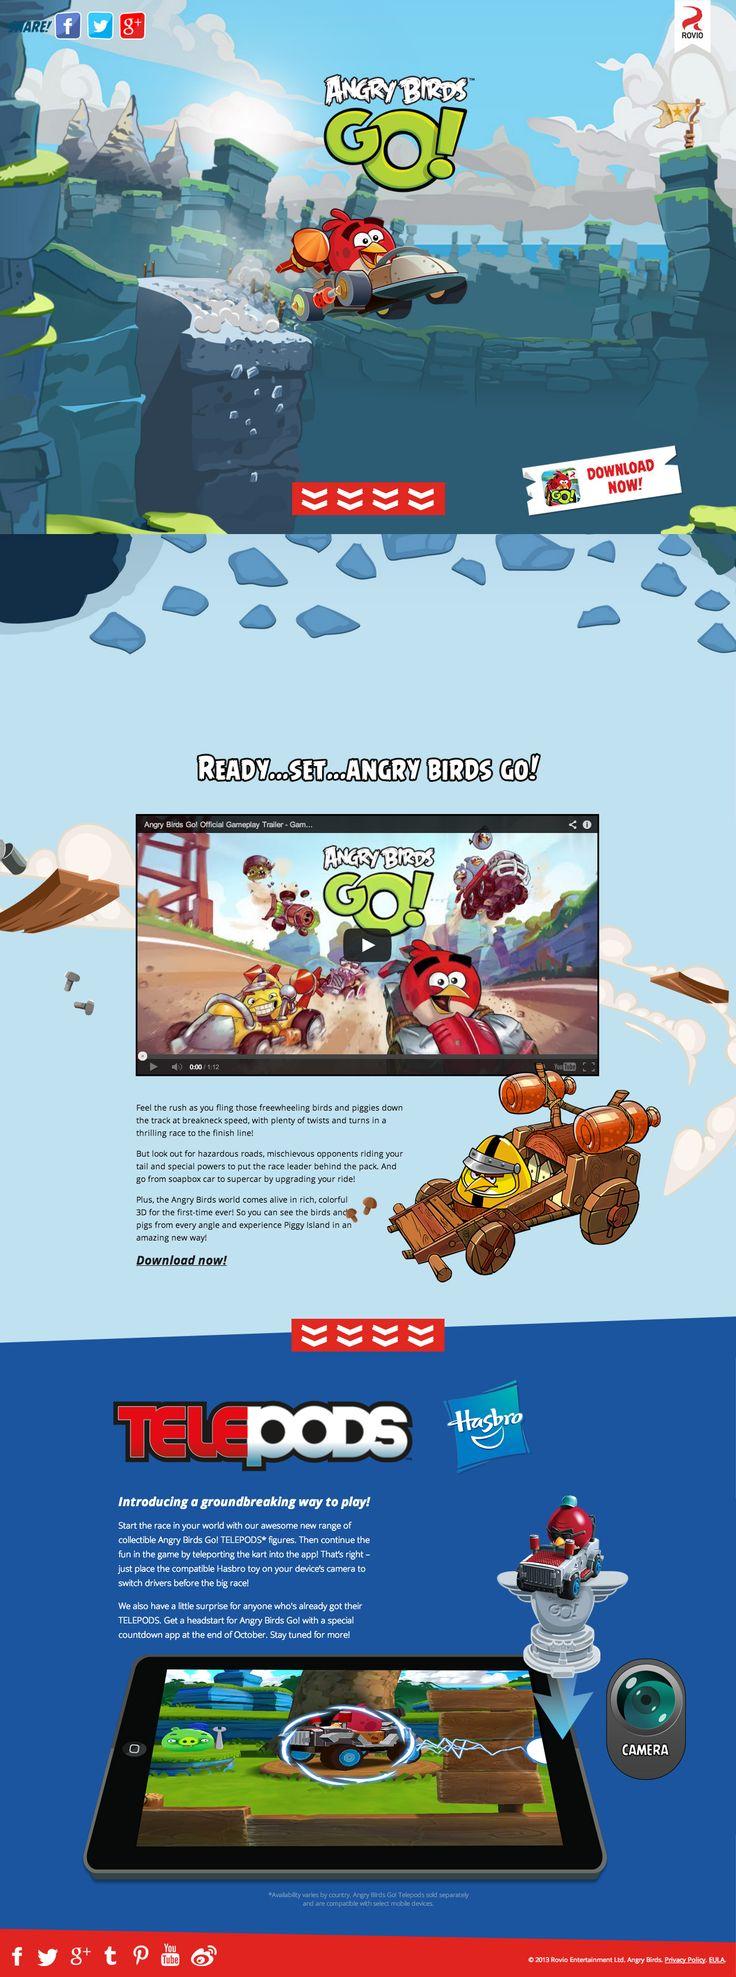 Unique Web Design, Angry Birds GO! #webdesign #design (http://www.pinterest.com/aldenchong/)